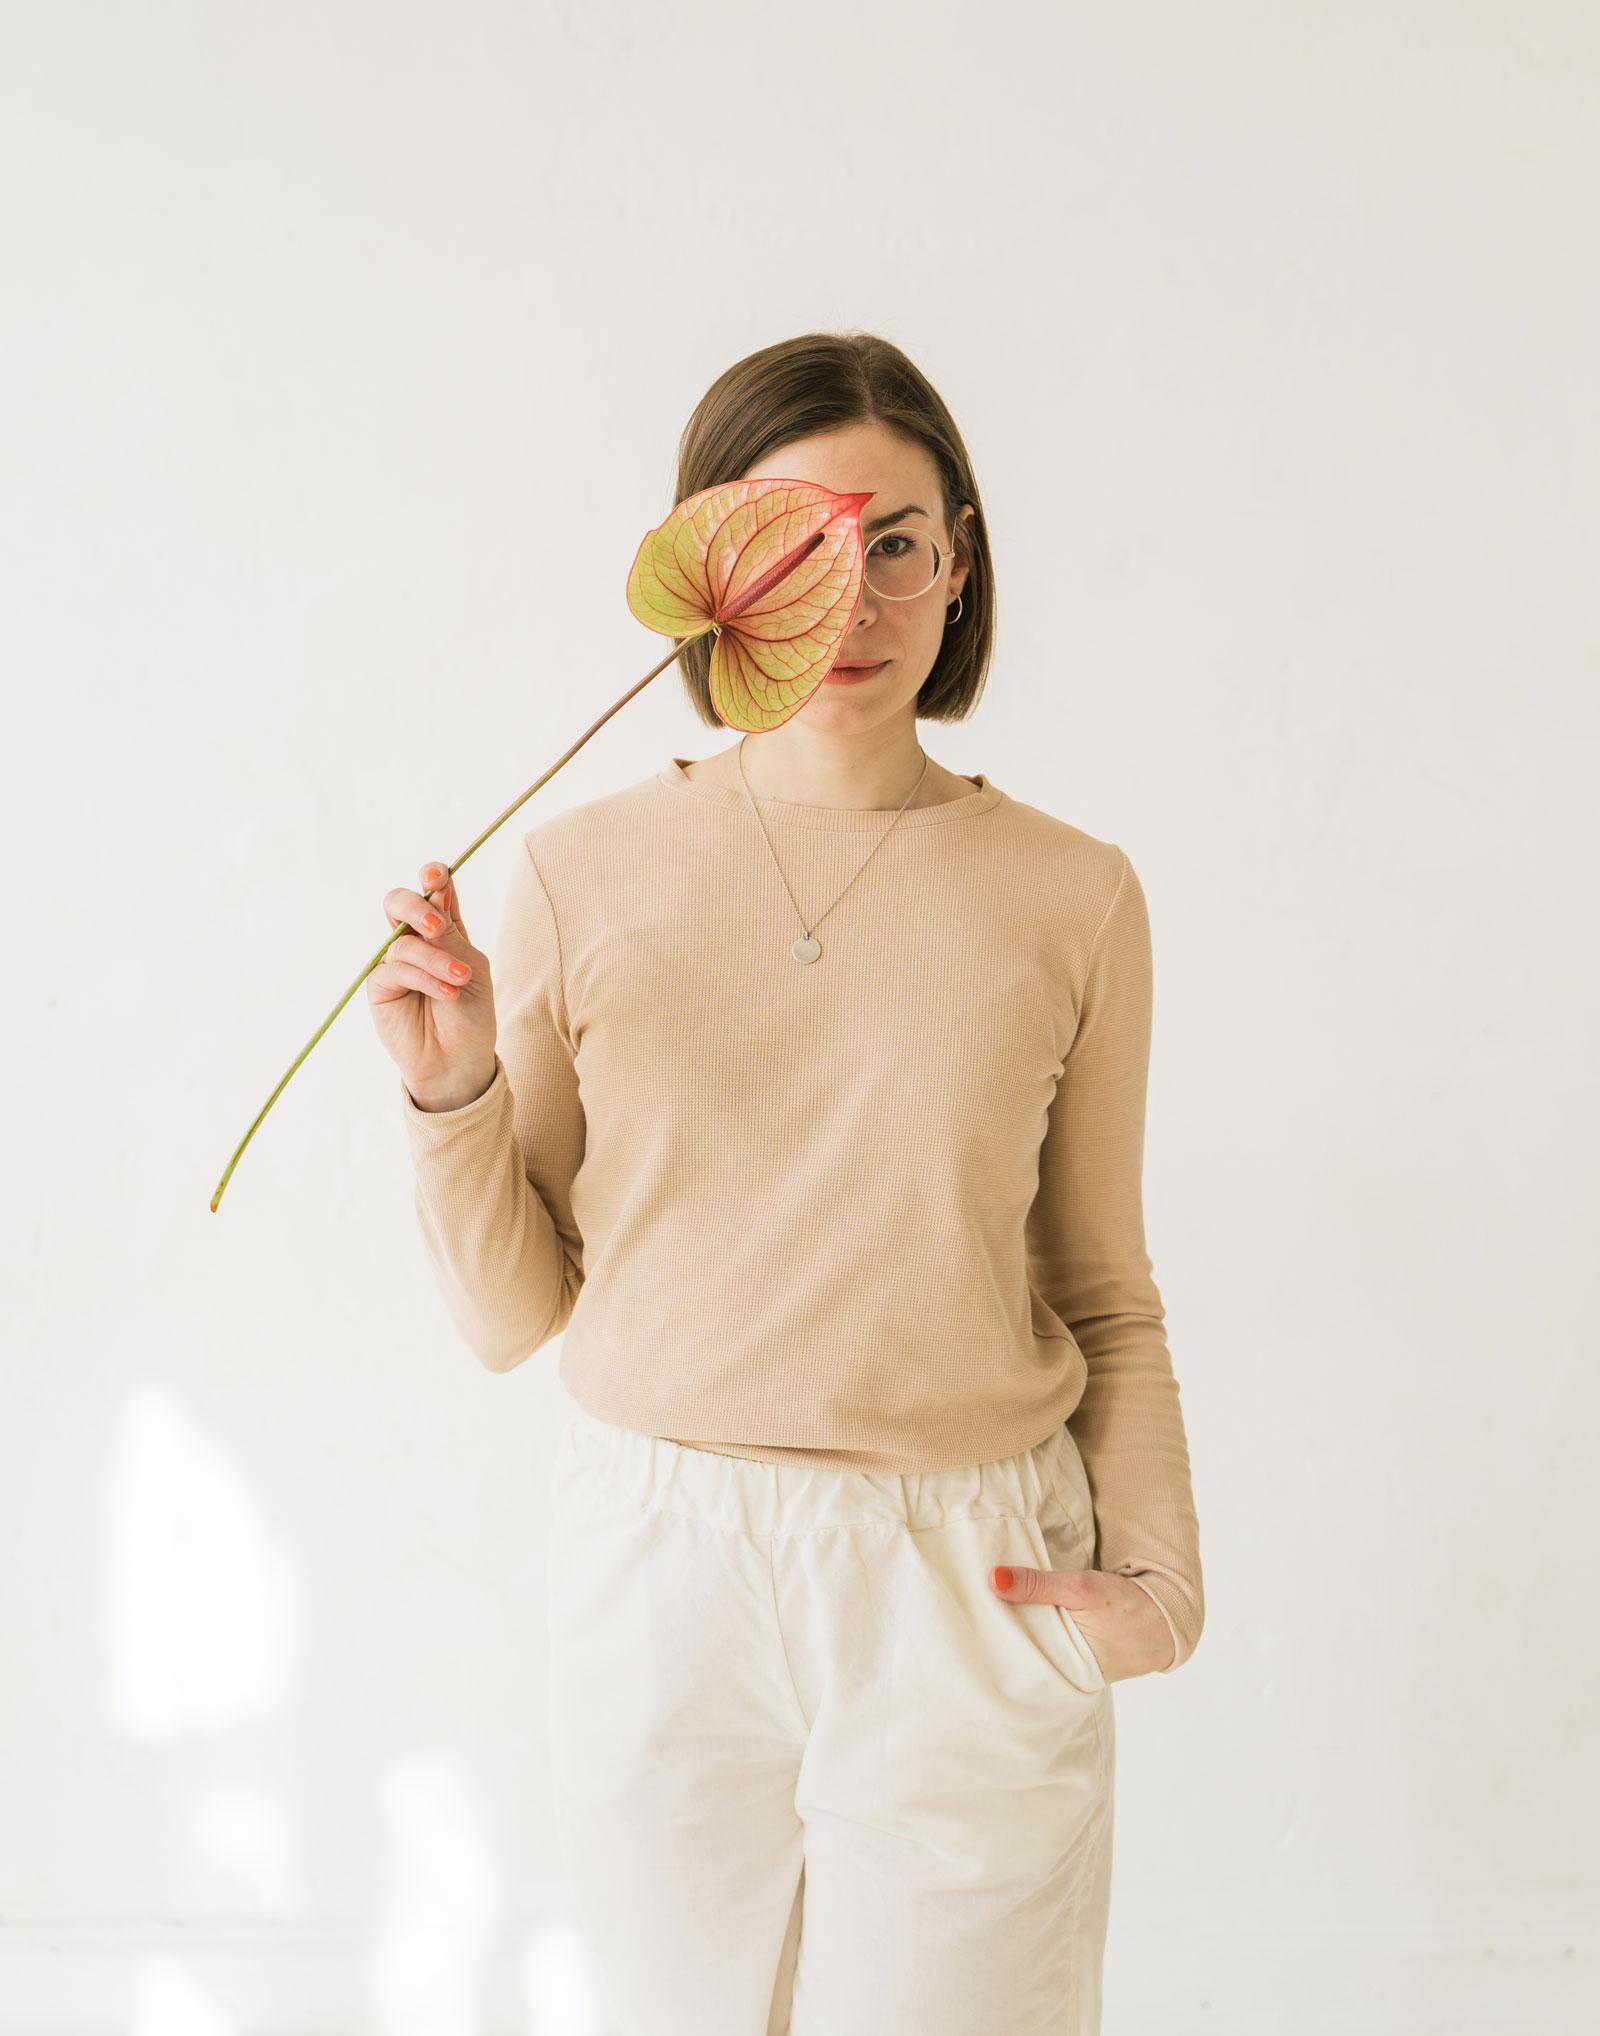 Sarah Schroeder Designerin Mindt Design Studio